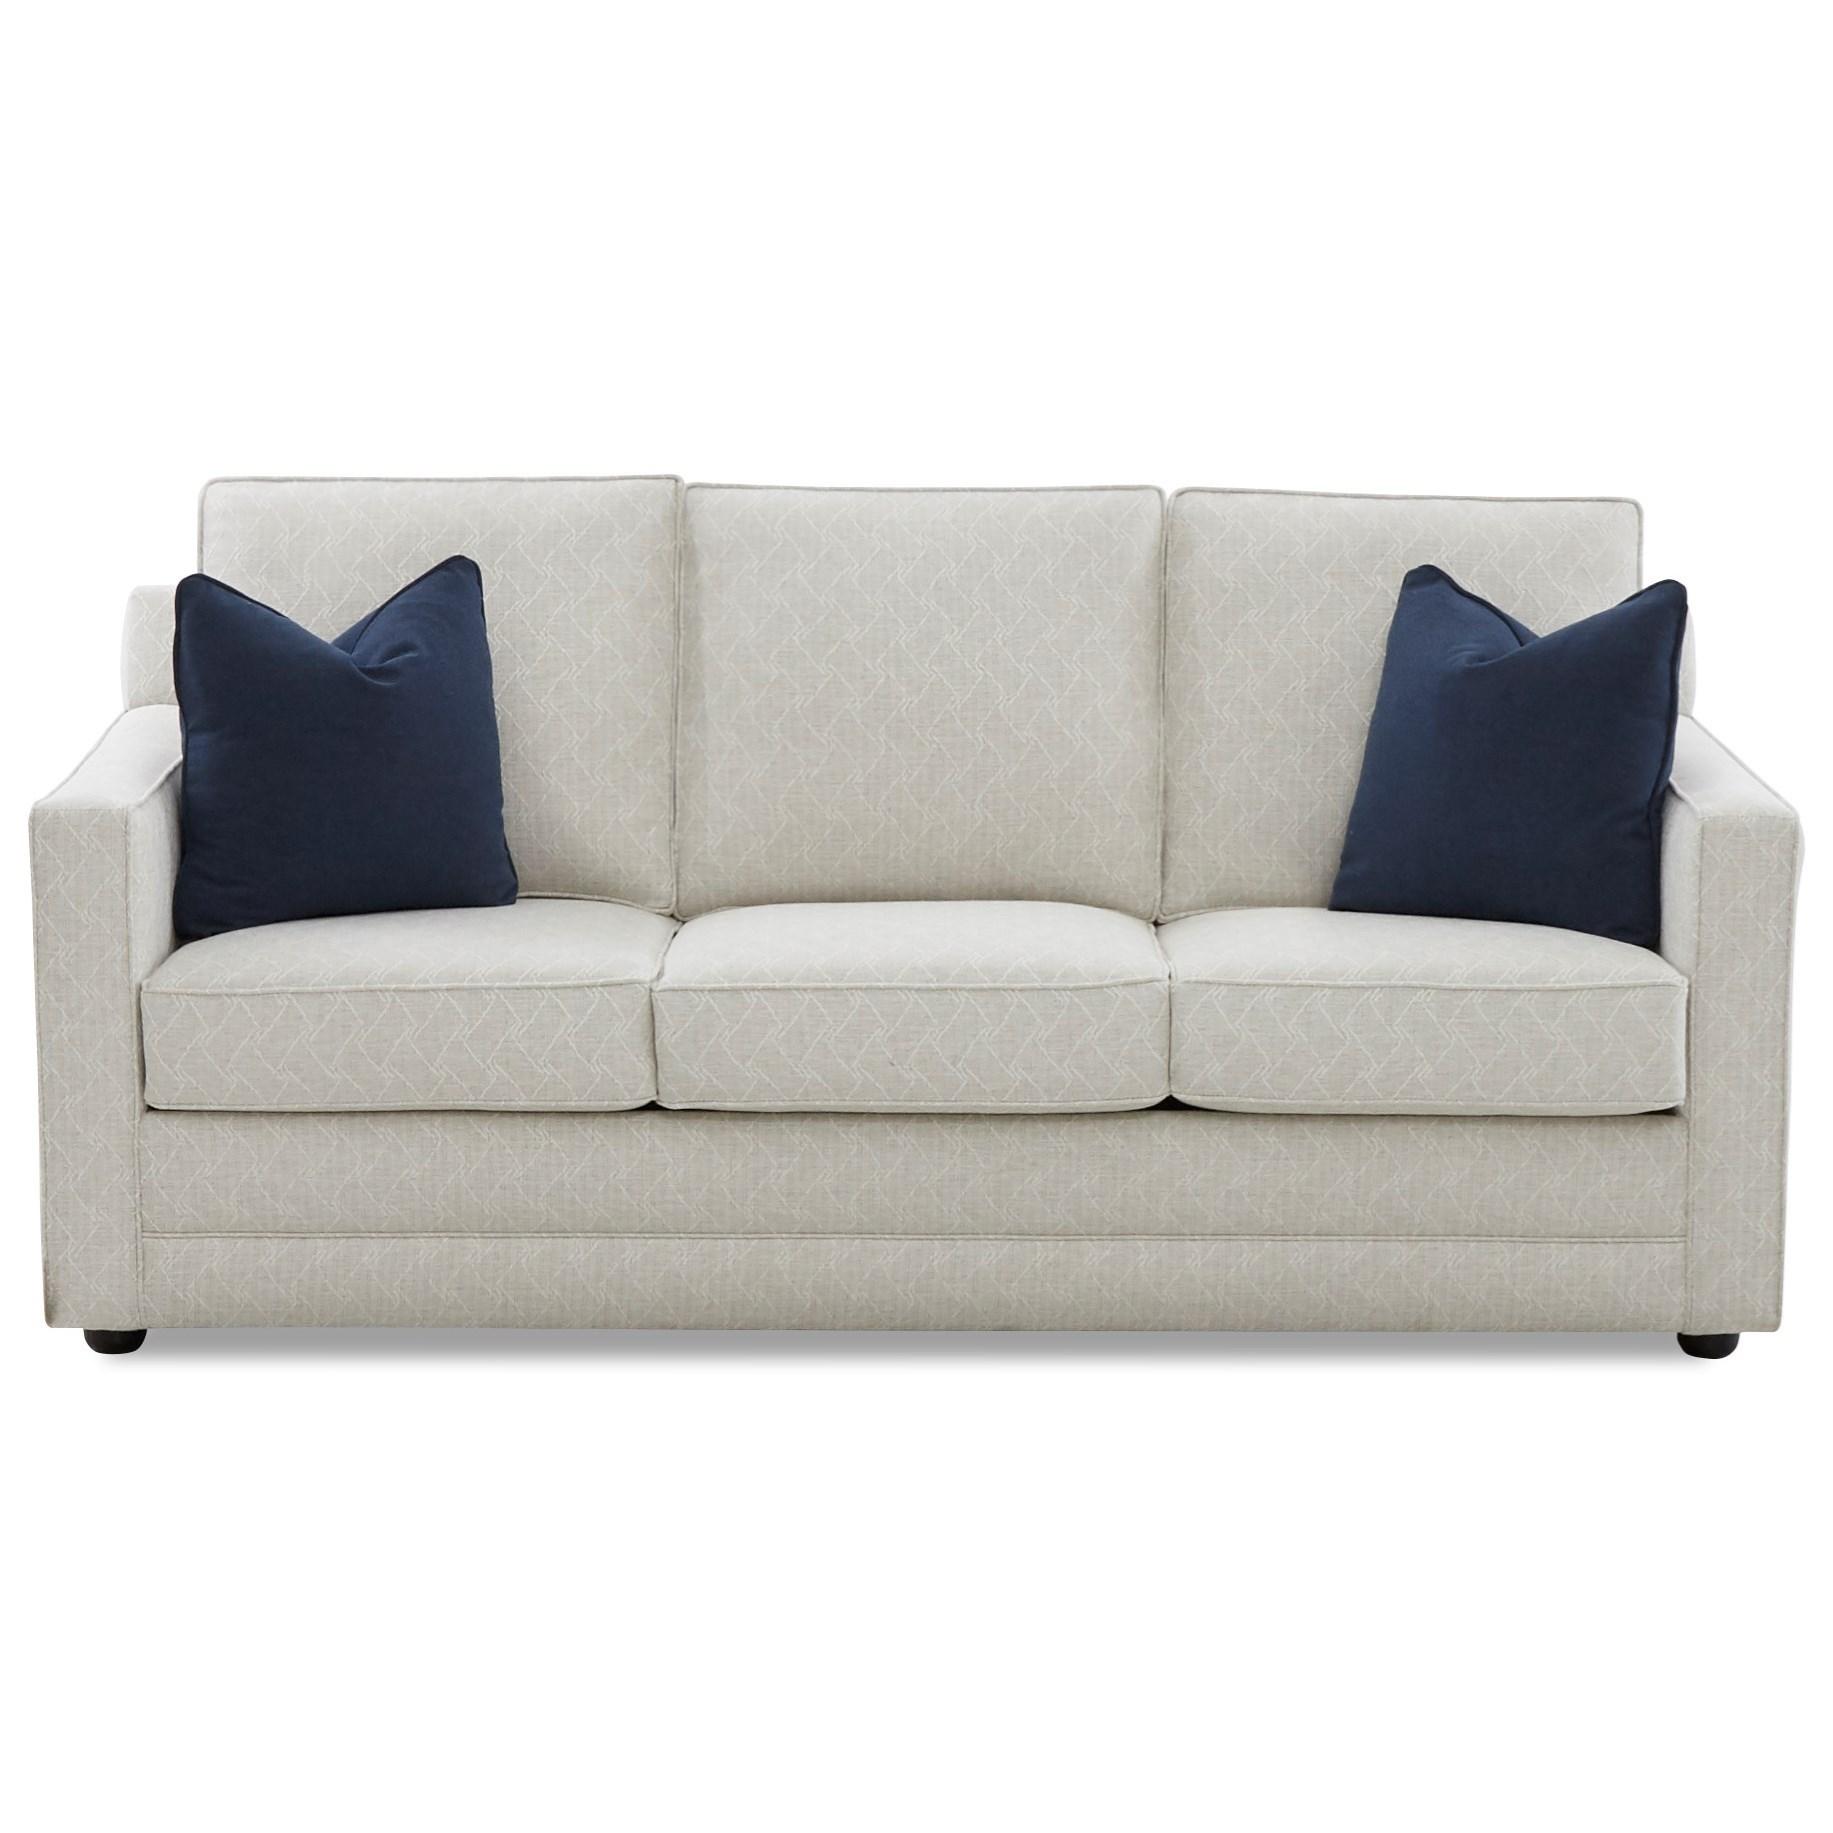 Laudholm Queen Sleeper Sofa W Innerspring Mattress